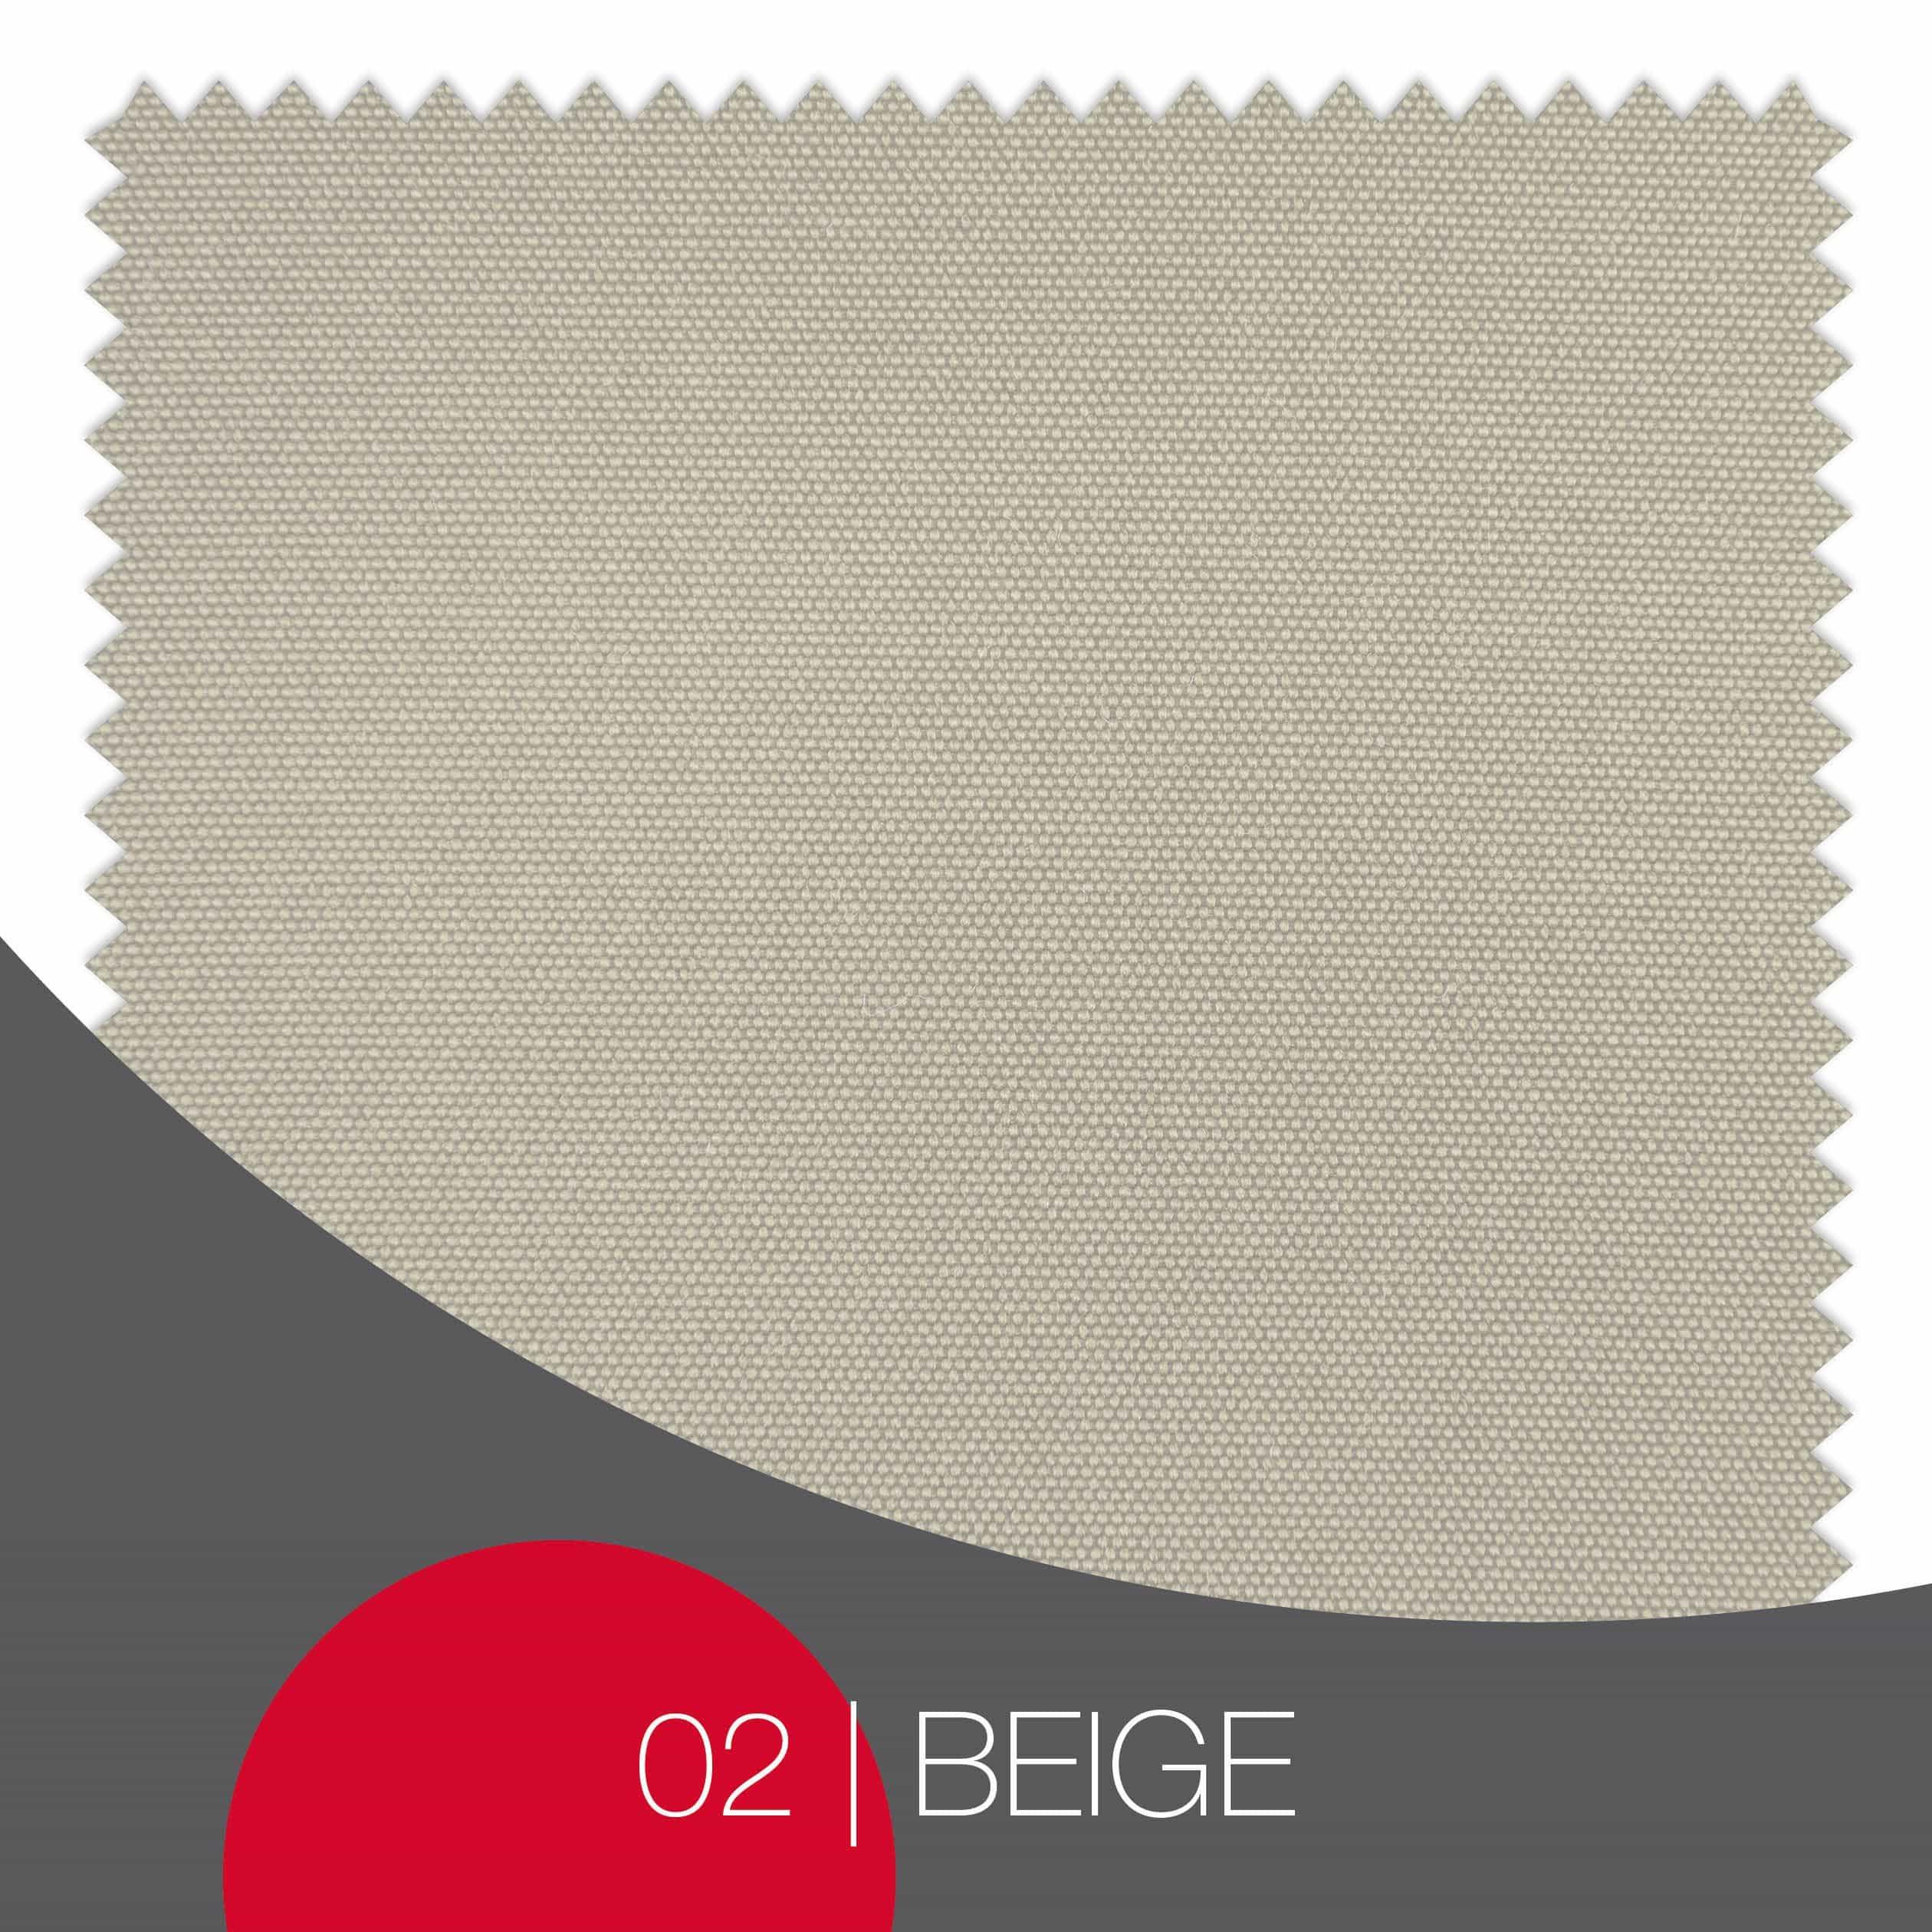 Knirps Spare Cover Ersatzbezug Knirps Pendular 275x275